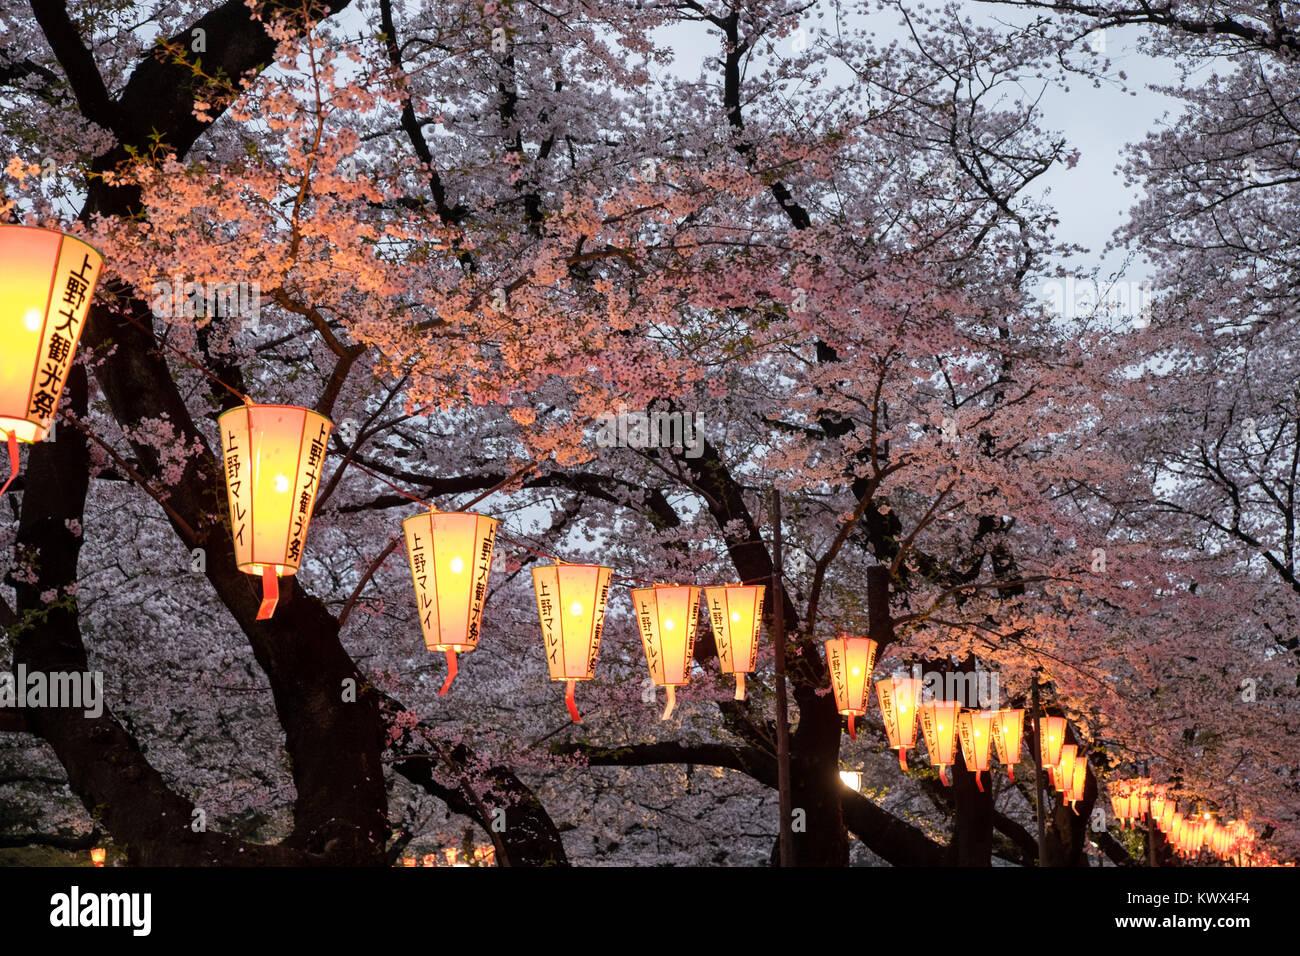 Le Japon, Tokyo: lanternes, lampes, lampadaires et de cerisiers en fleurs dans le parc Ueno Photo Stock